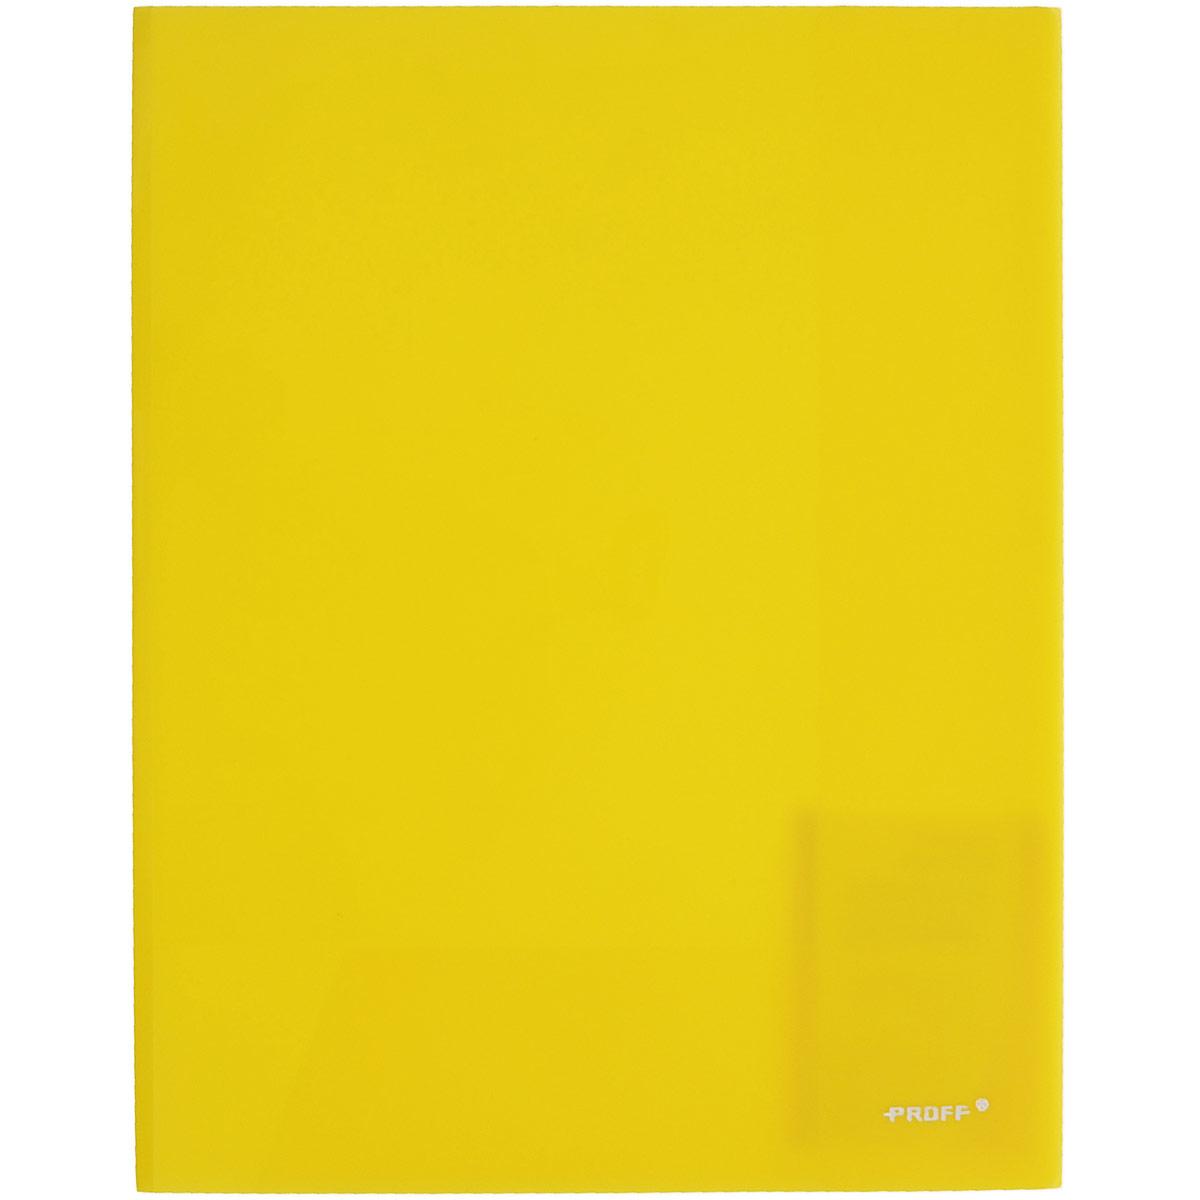 Proff Папка-уголок цвет желтый 2 клапанаFS-36054Папка-уголок Proff, изготовленная из высококачественного полипропилена -это удобный и практичный офисный инструмент, предназначенный для хранения и транспортировки рабочих бумаг и документов формата А4.Полупрозрачная папка оснащена двумя клапана внутри для надежного удержания бумаг.Папка-уголок - это незаменимый атрибут для студента, школьника, офисного работника. Такая папка надежно сохранит ваши документы и сбережет их от повреждений, пыли и влаги.